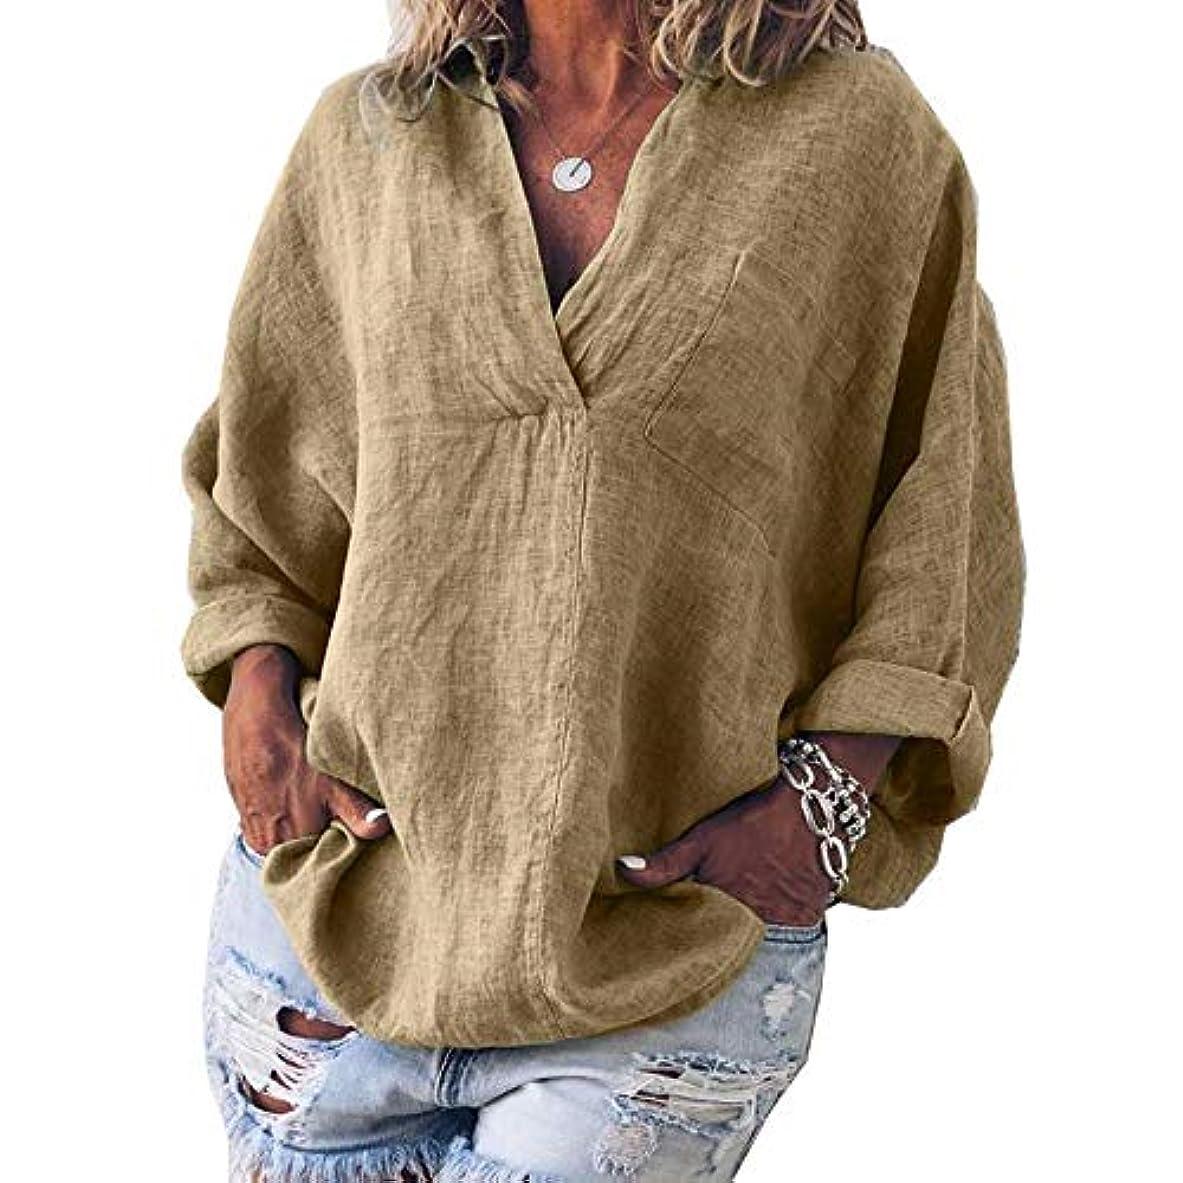 キャプチャーマーク全員MIFAN女性ファッション春夏チュニックトップス深いVネックTシャツ長袖プルオーバールーズリネンブラウス